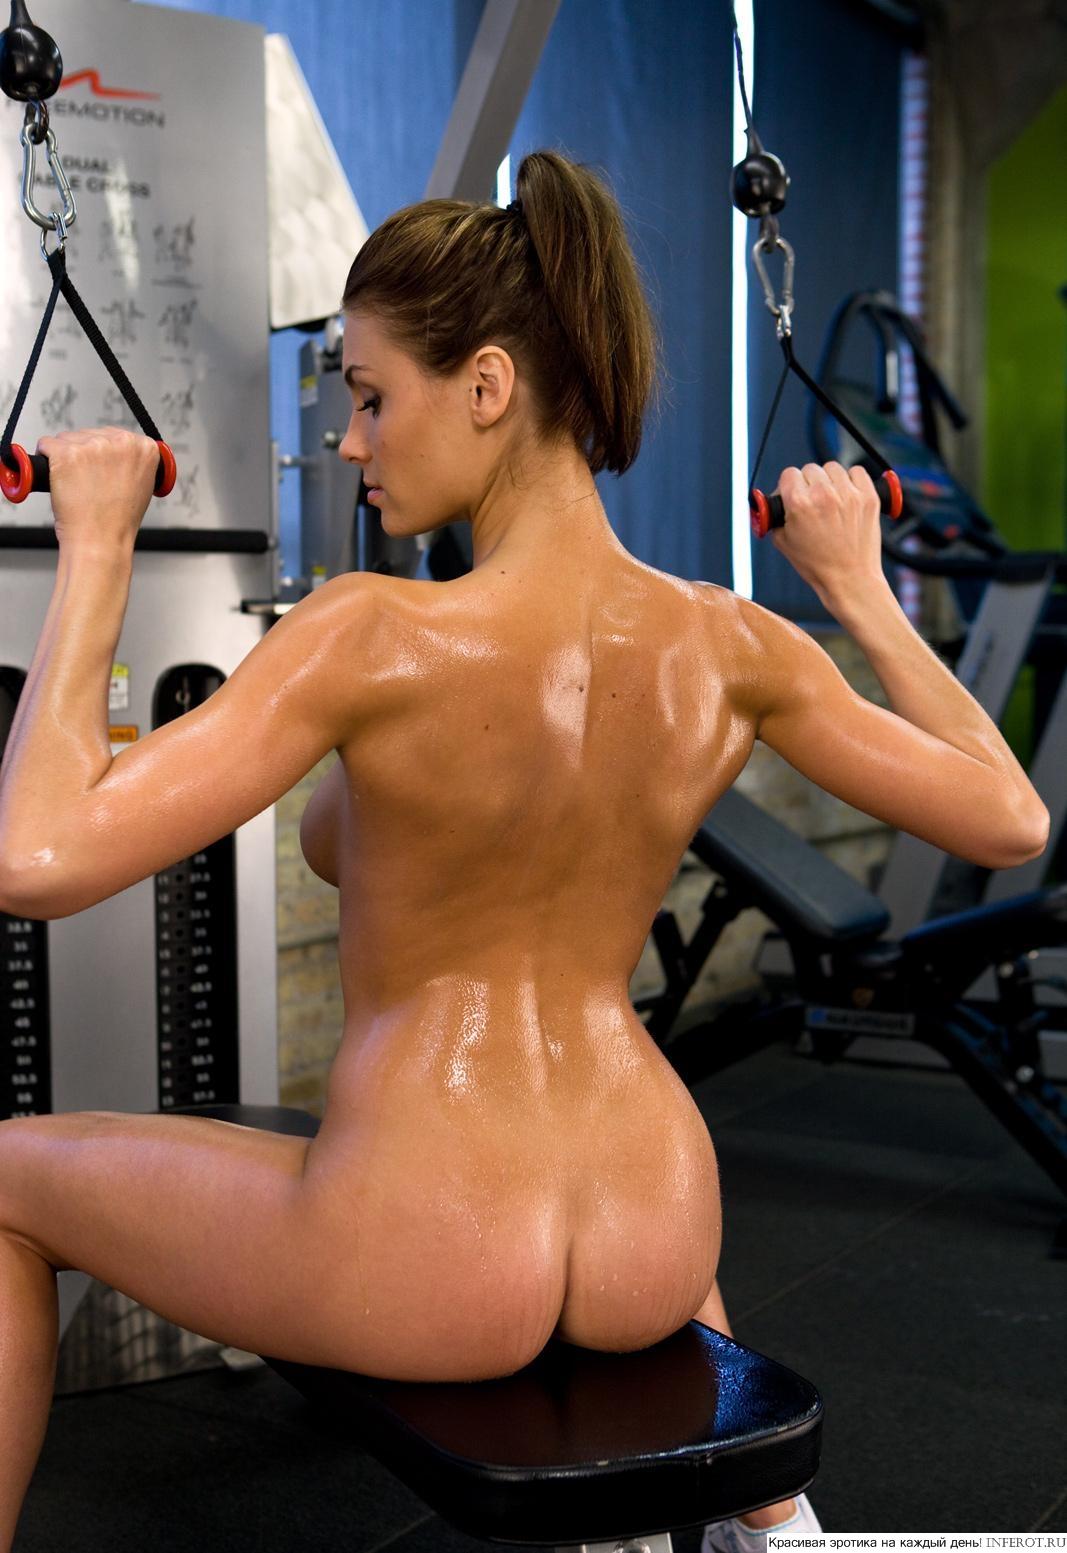 Смотреть фото голых спортсменок бесплатно фото 89-752